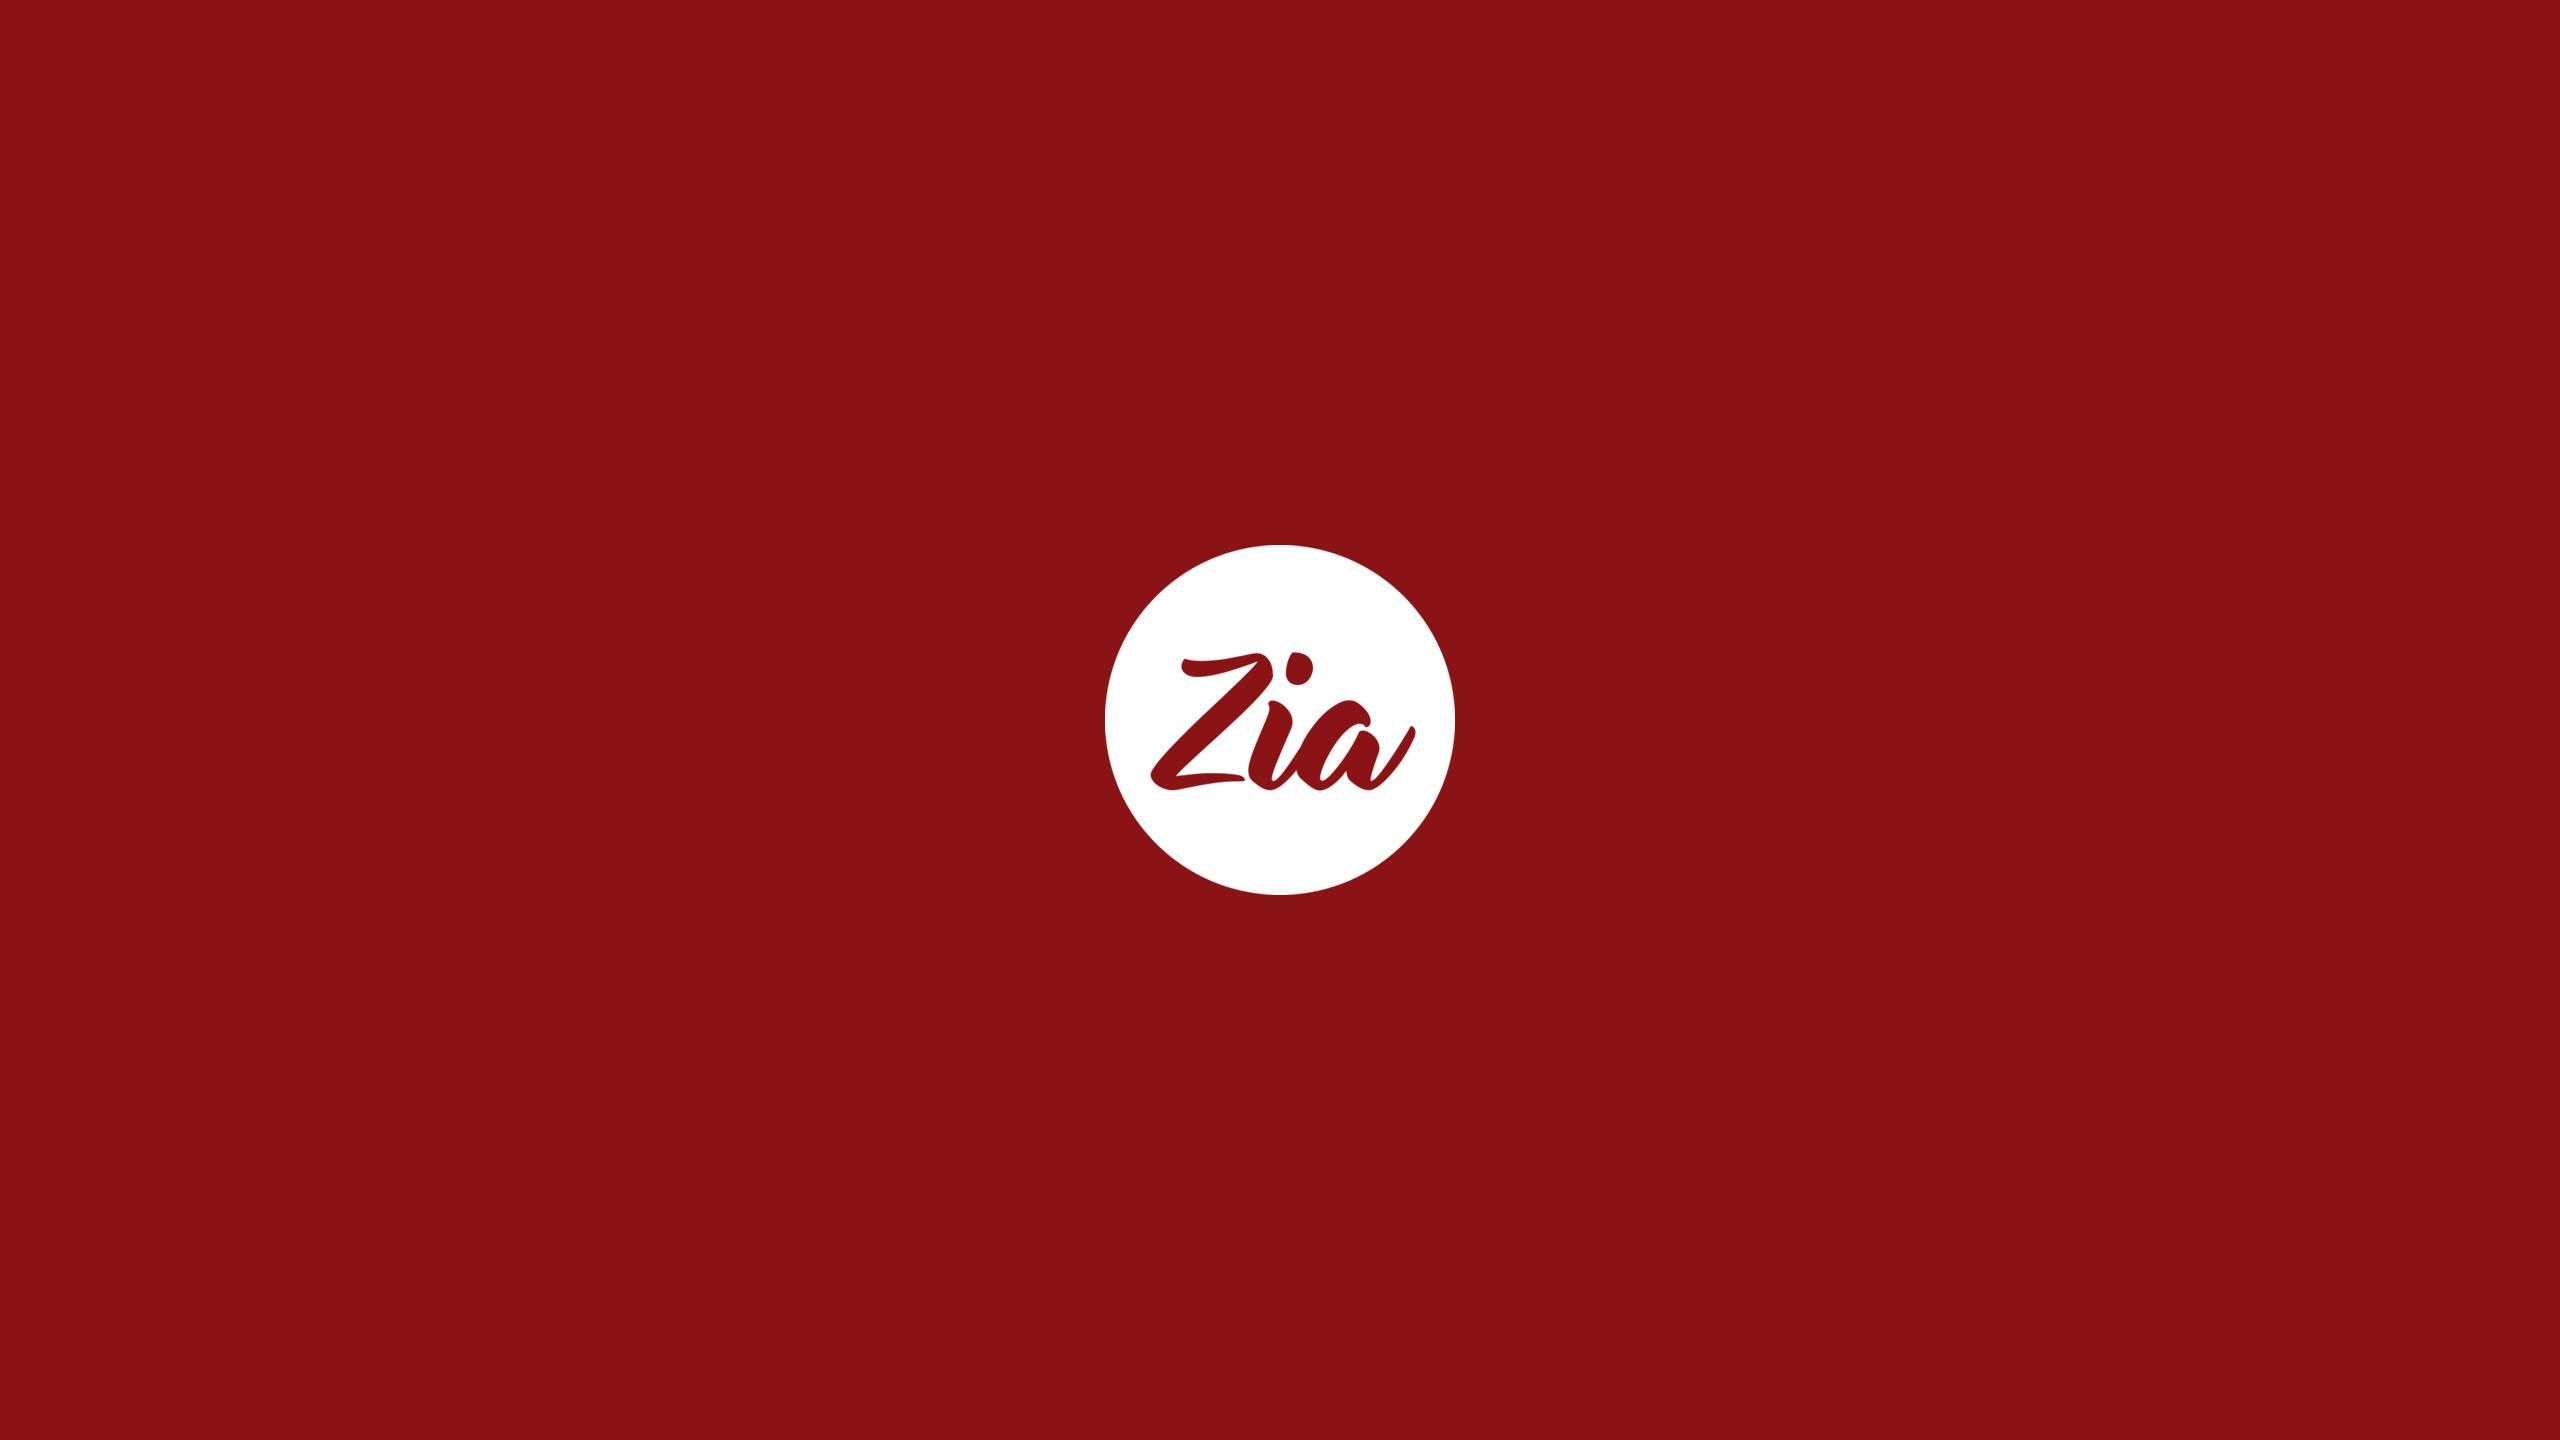 Zia Premium